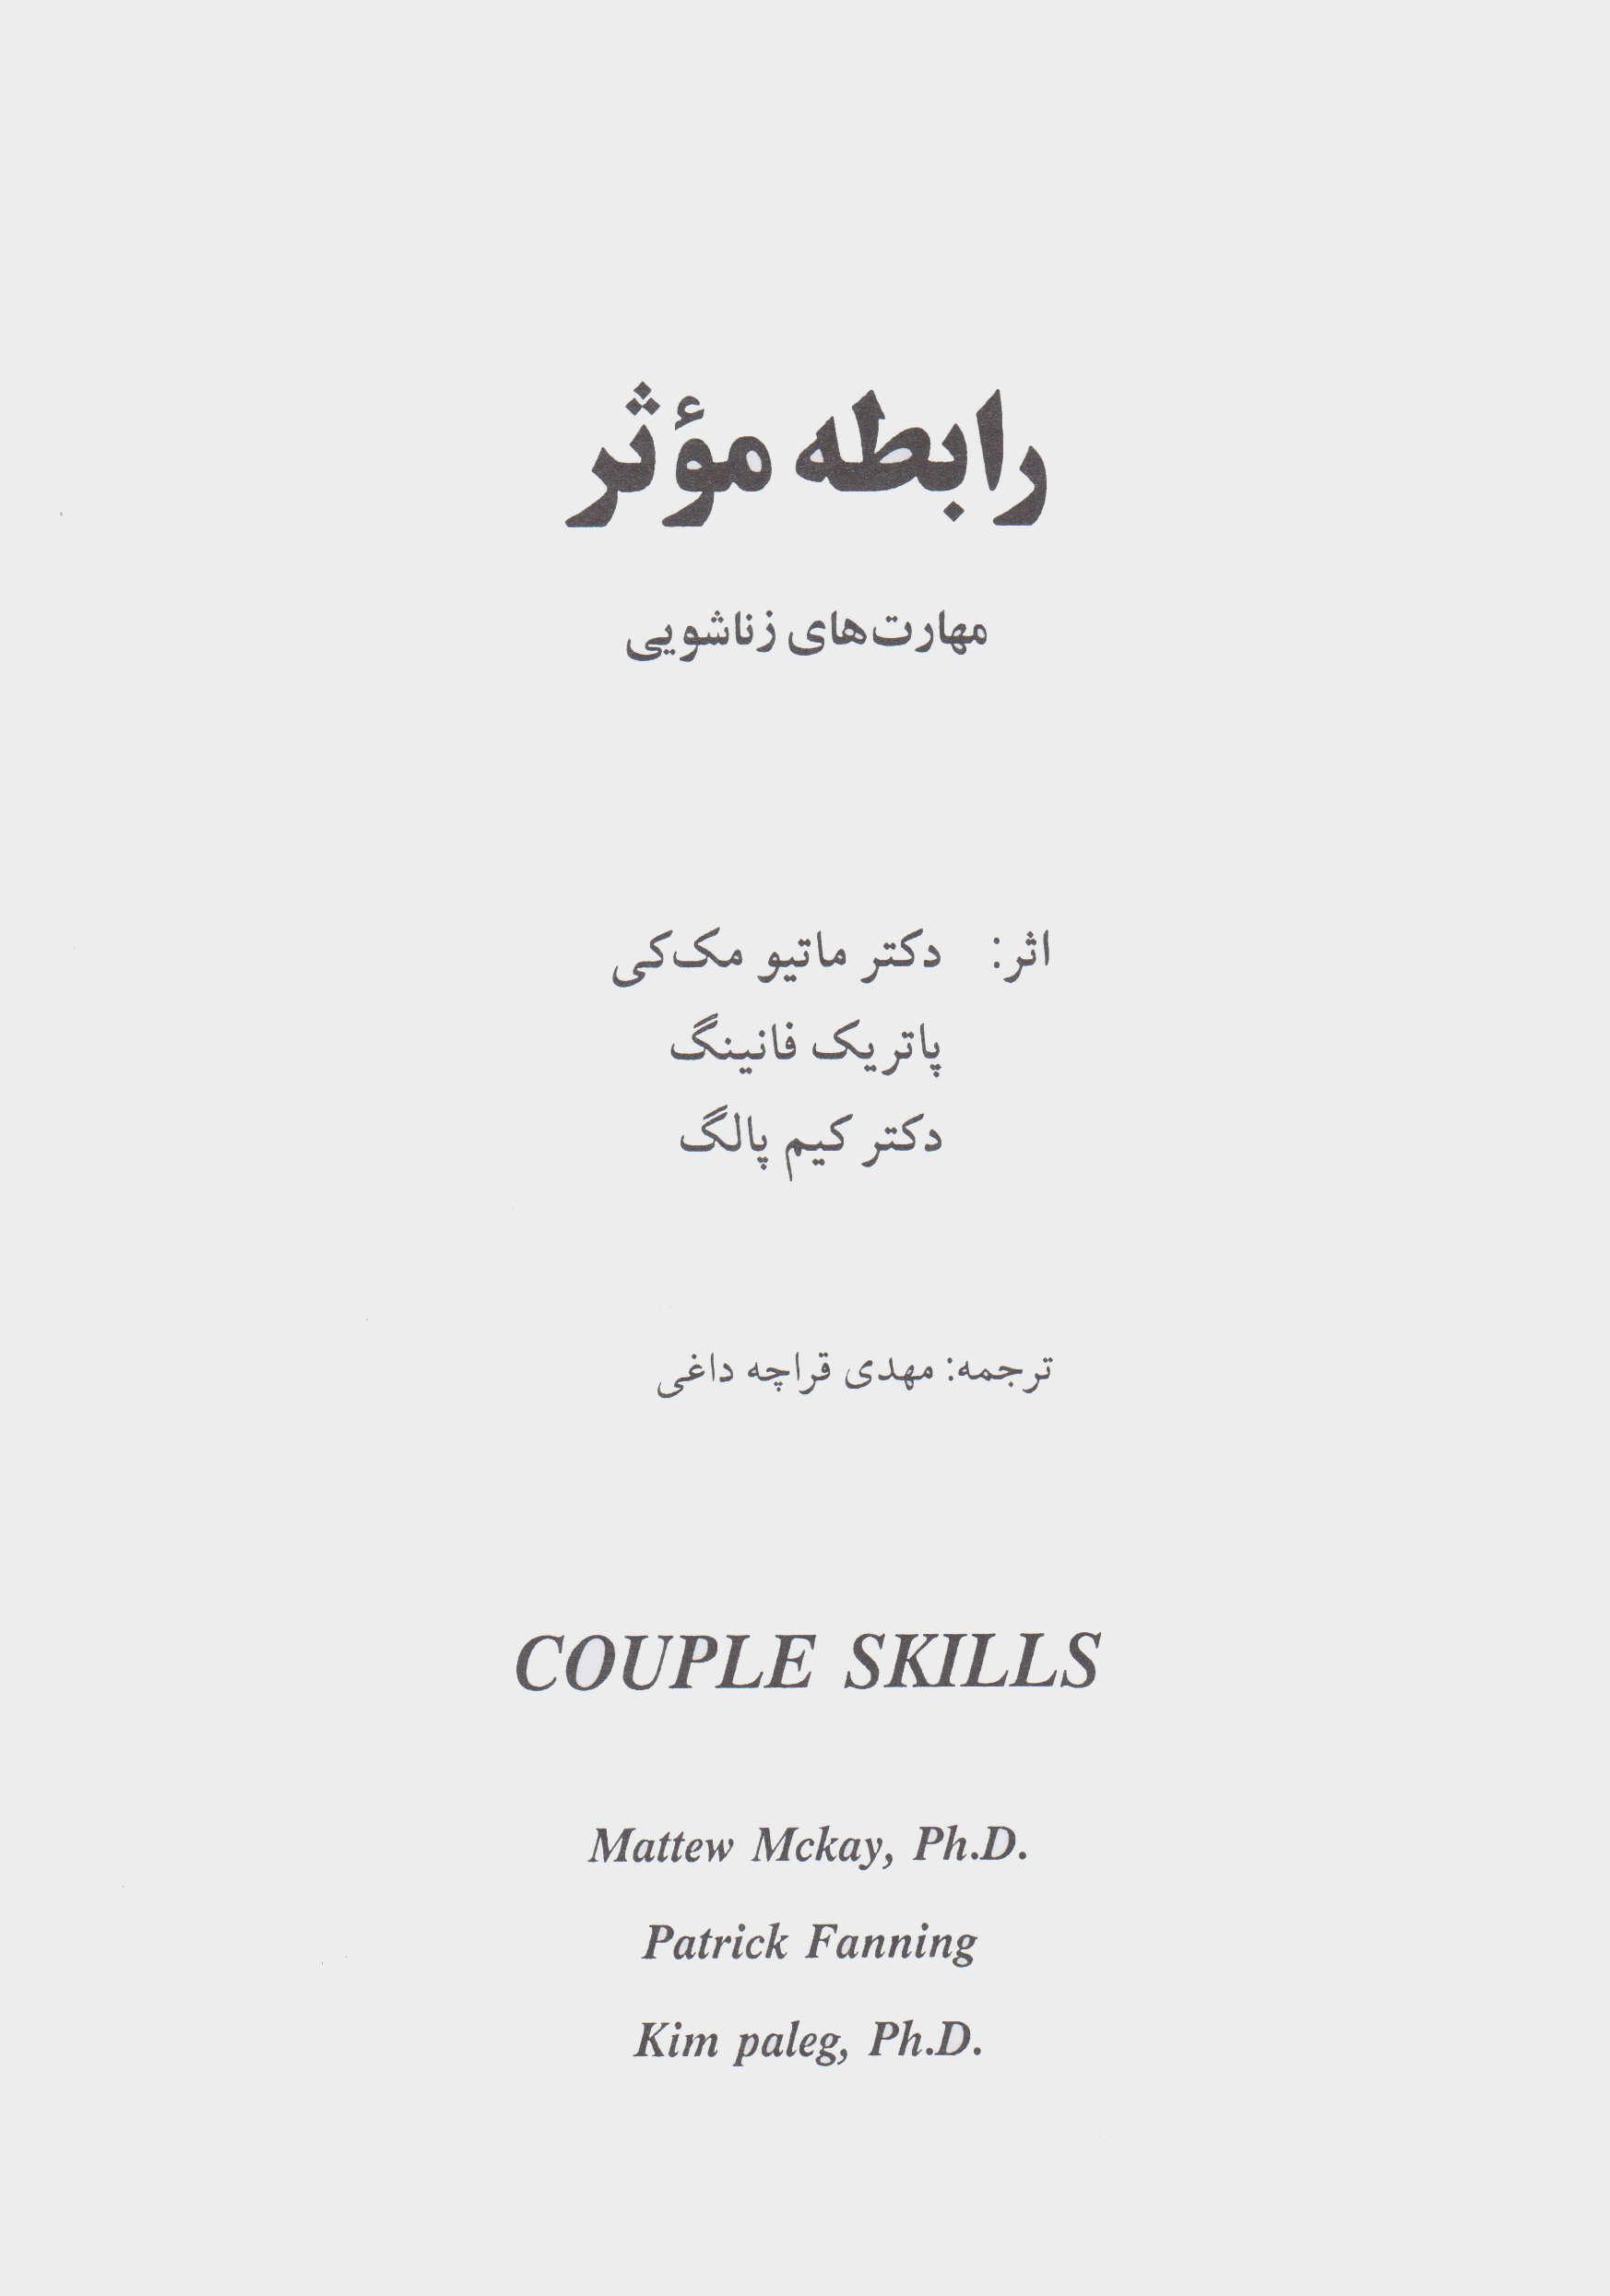 رابطه موثر (مهارت های زناشویی)